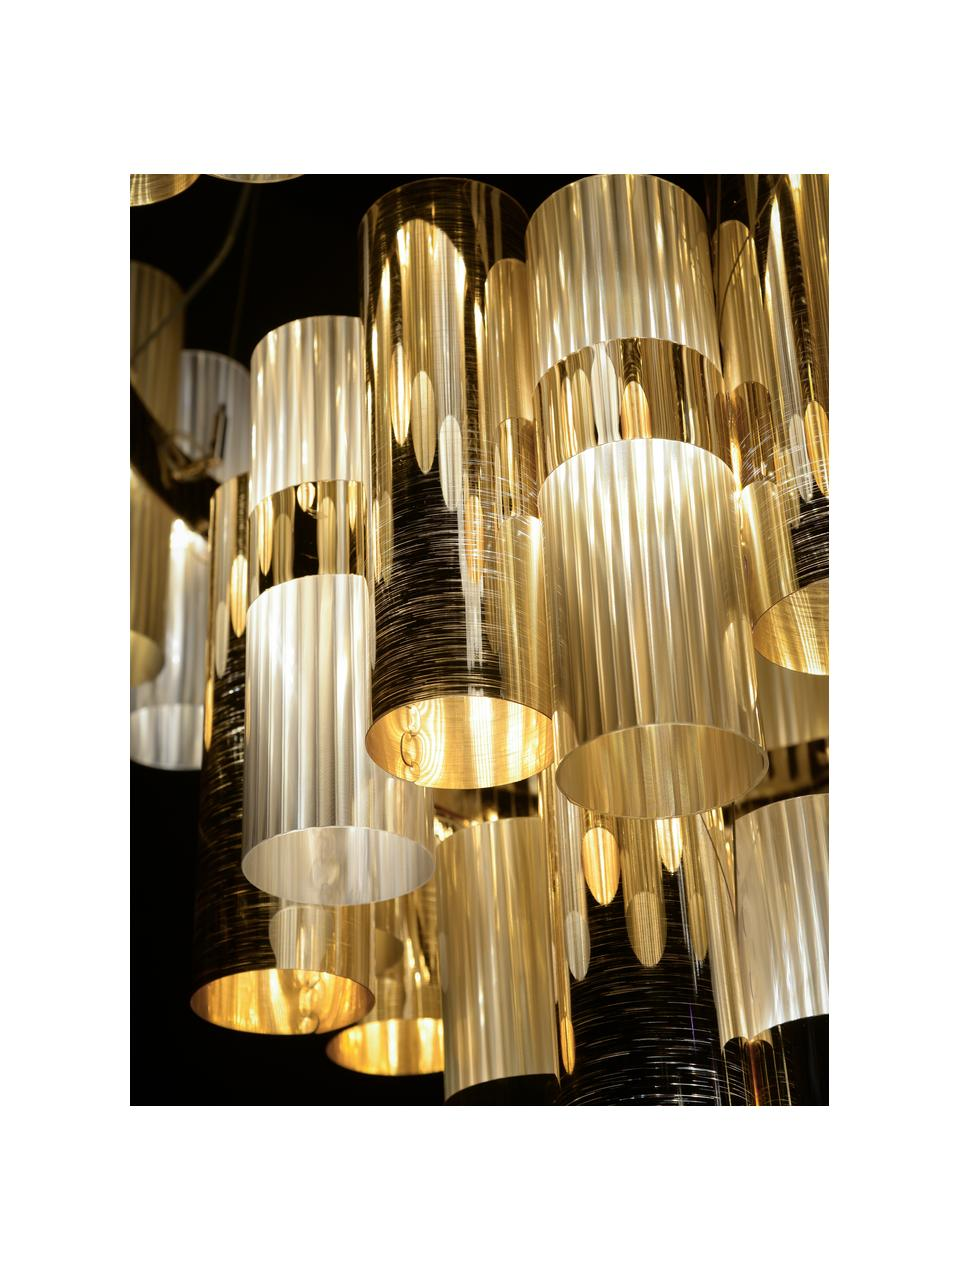 Lampa wisząca LED z tworzywa sztucznego z funkcją przyciemniania La Lollo, Odcienie złotego, Ø 48 x W 35 cm